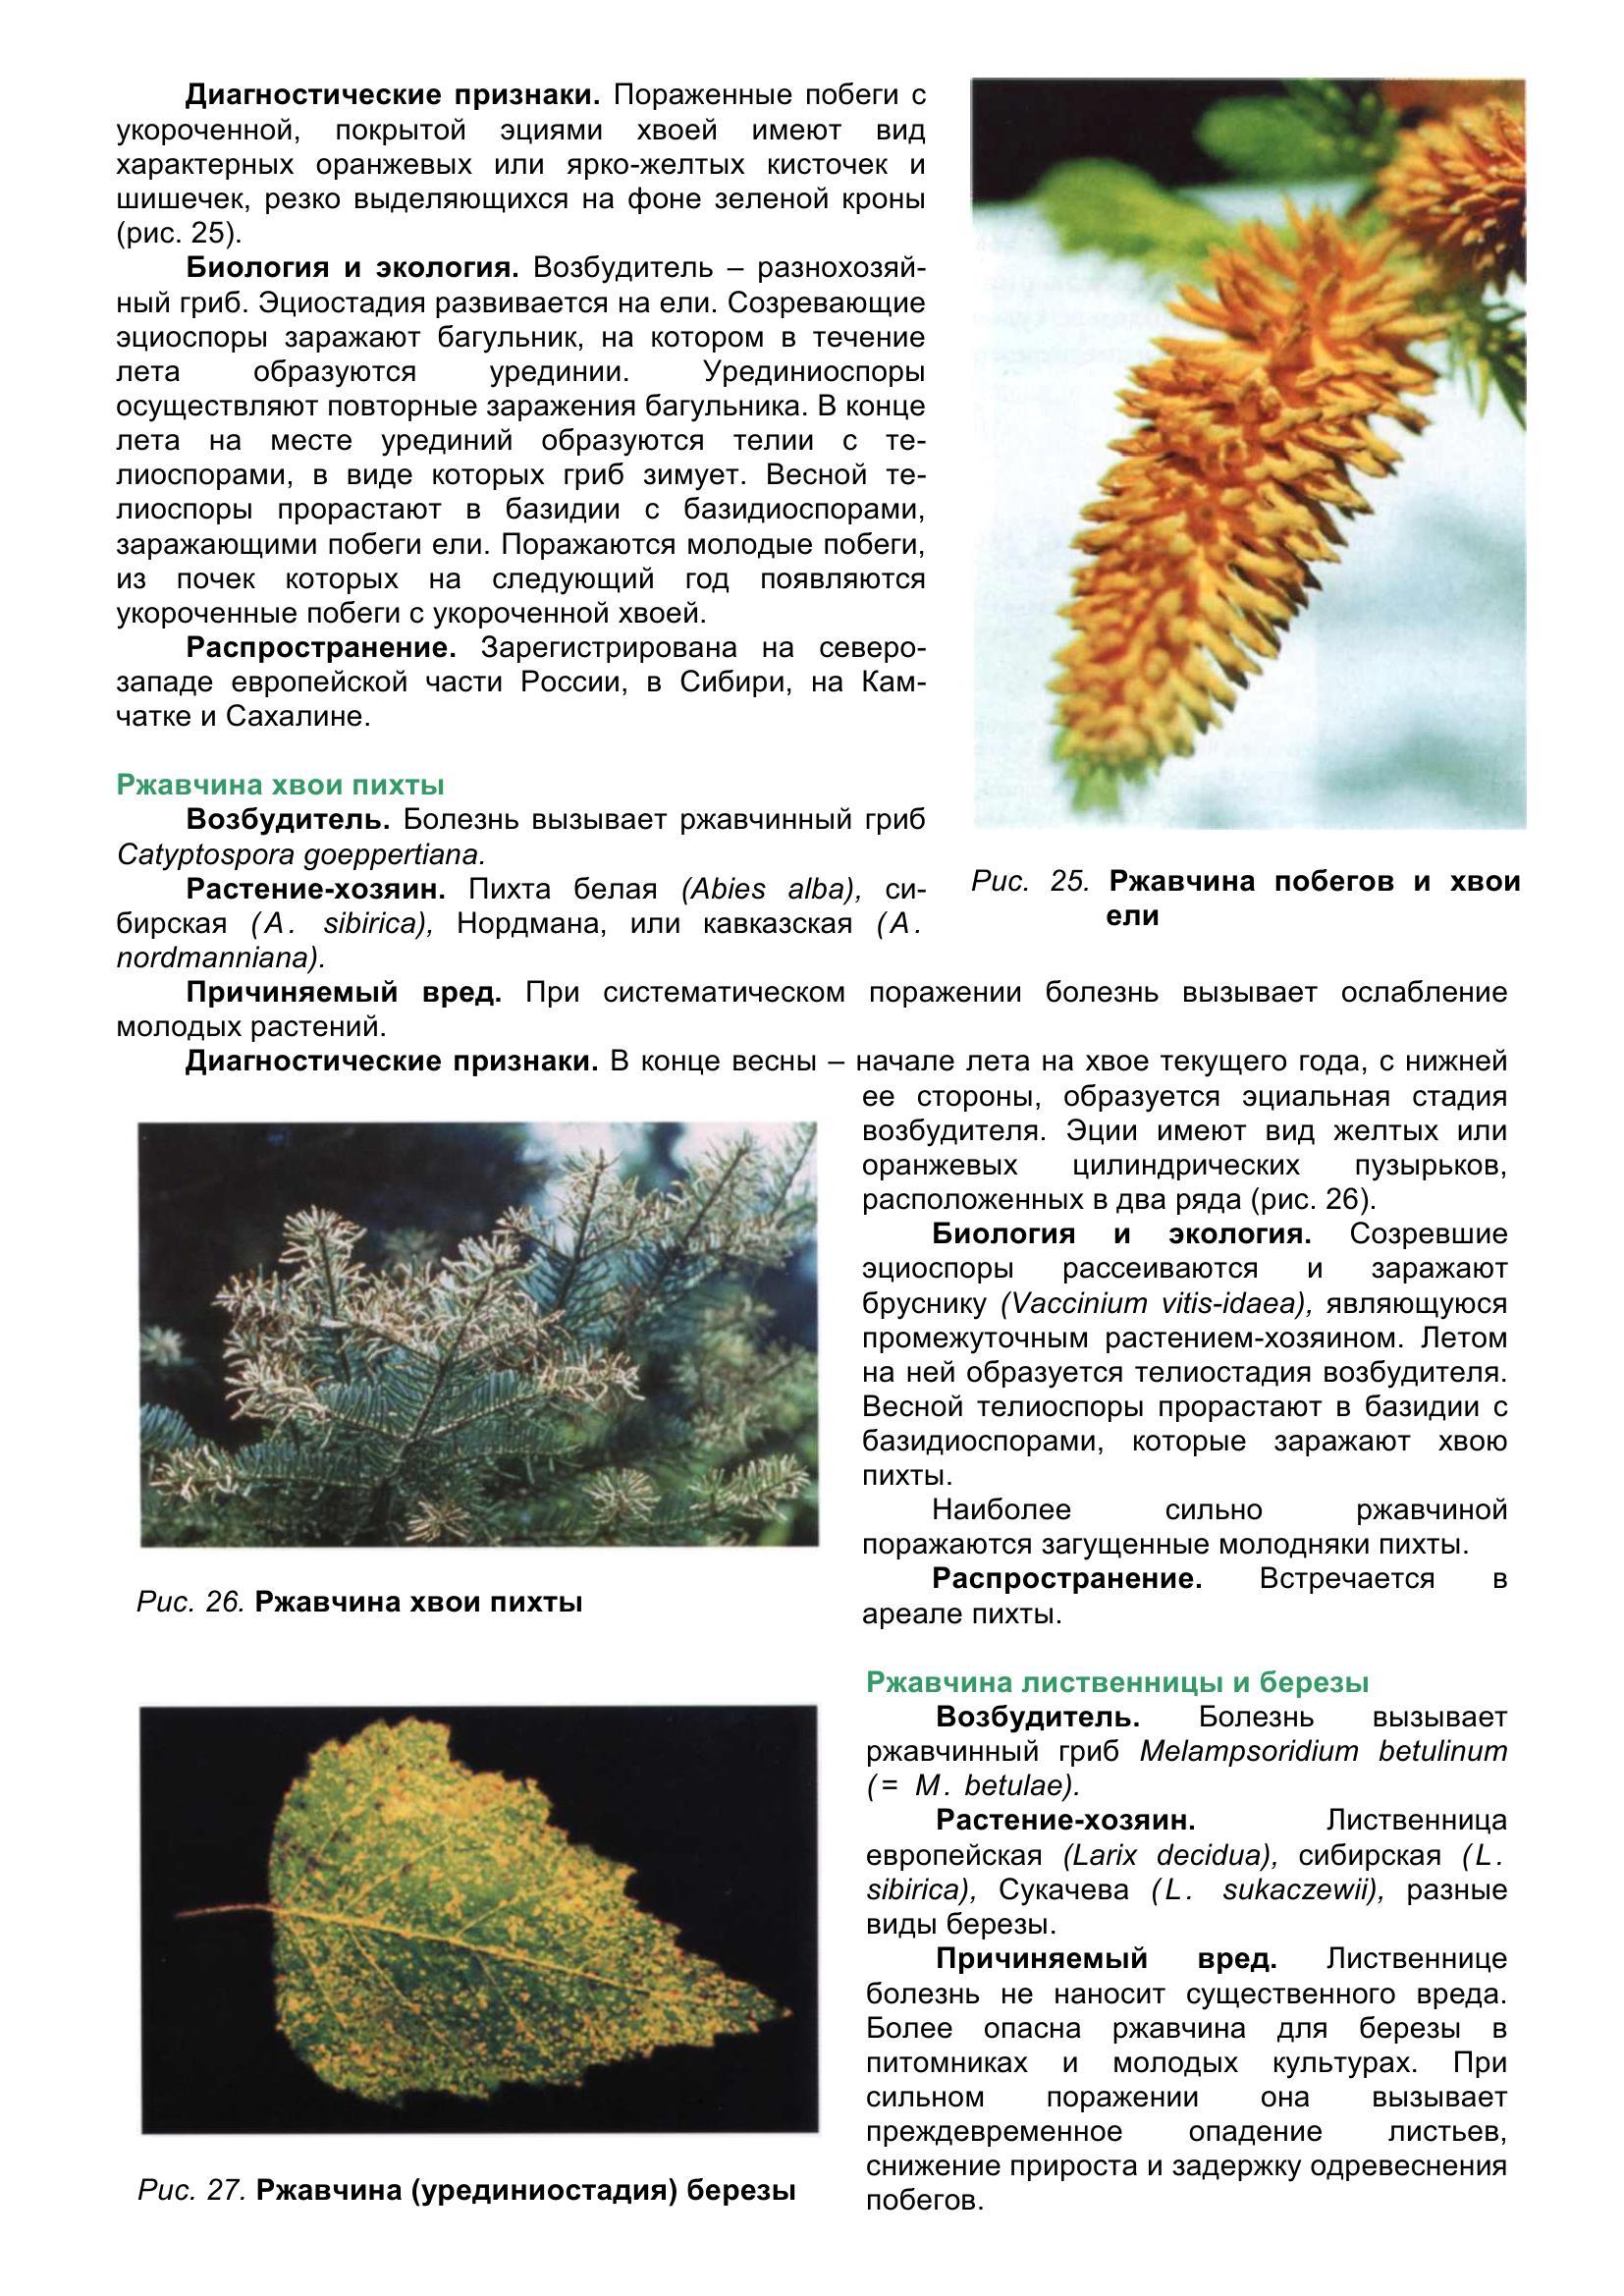 Болезни_древесных_растений_045.jpg